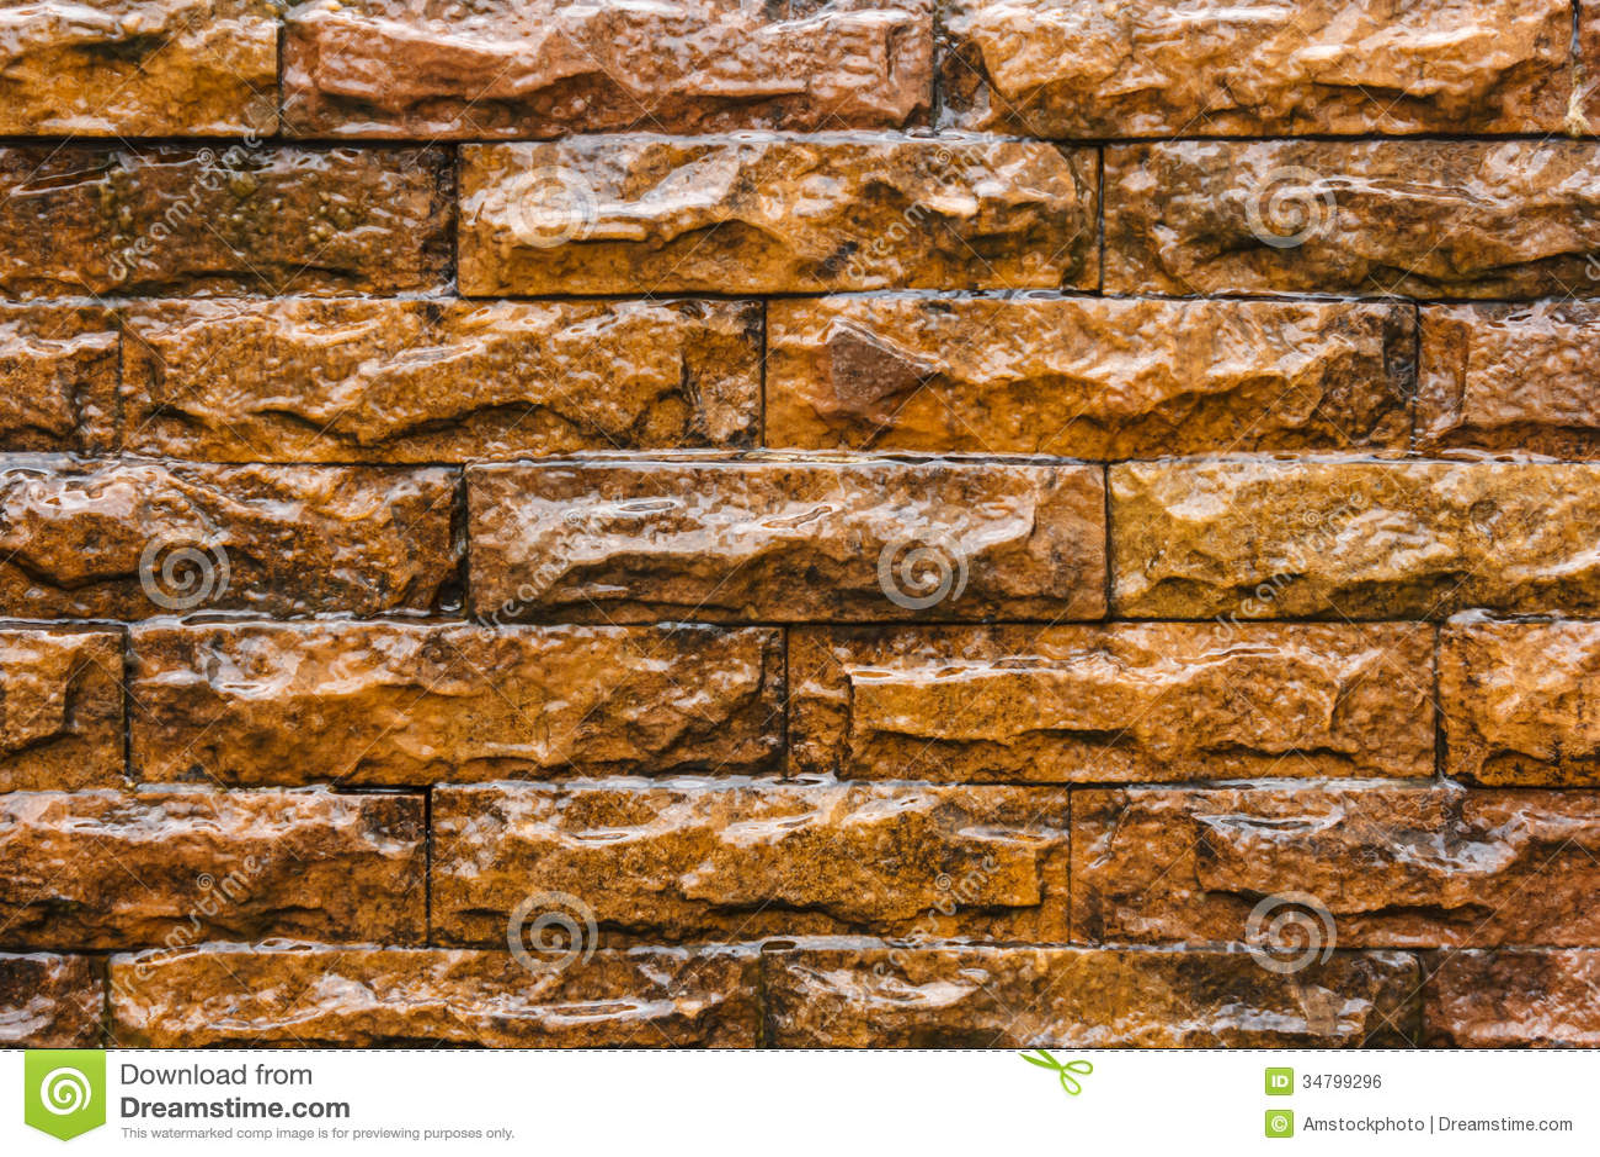 chute de l 39 eau sur le fond brun de mur de briques image. Black Bedroom Furniture Sets. Home Design Ideas